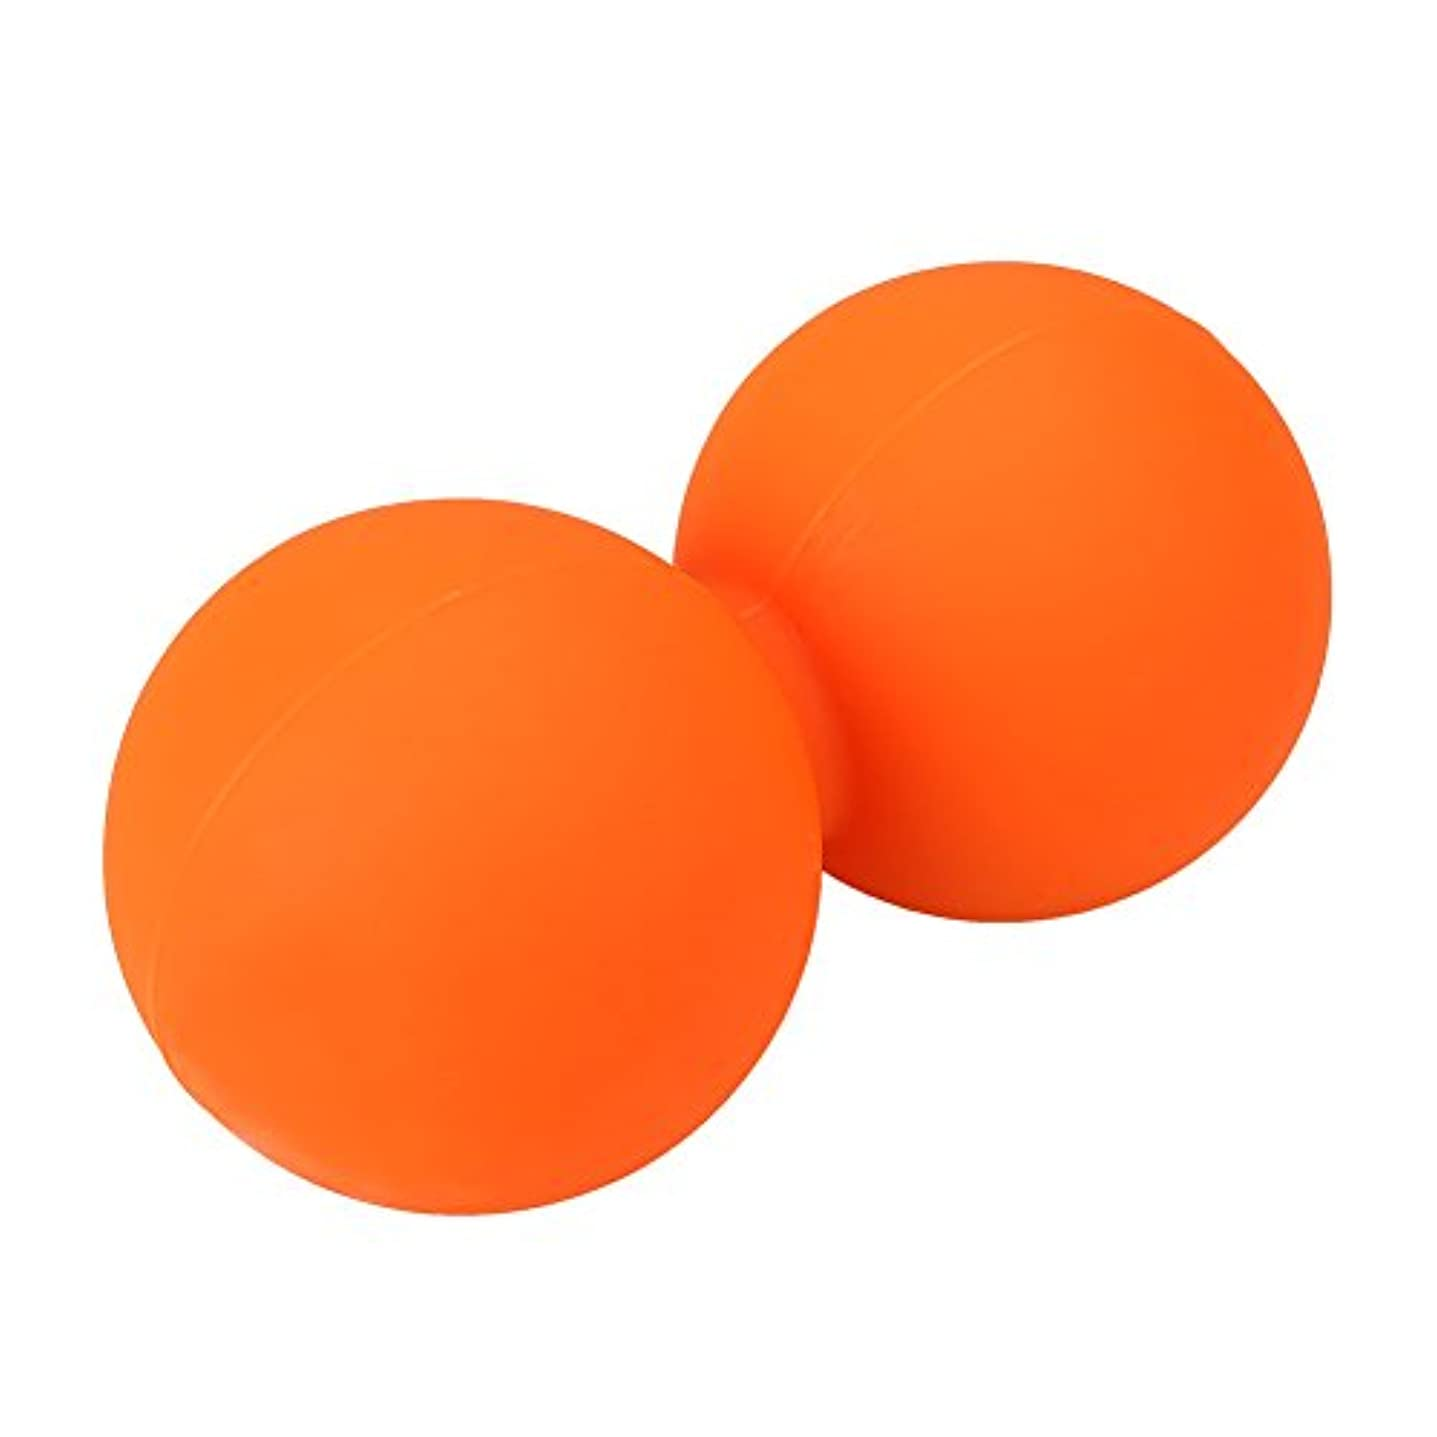 去るメッシュ混合wlgreatsp ダブルラクロスMyofascialトリガーポイントリリースマッサージクロスボールエクササイズ